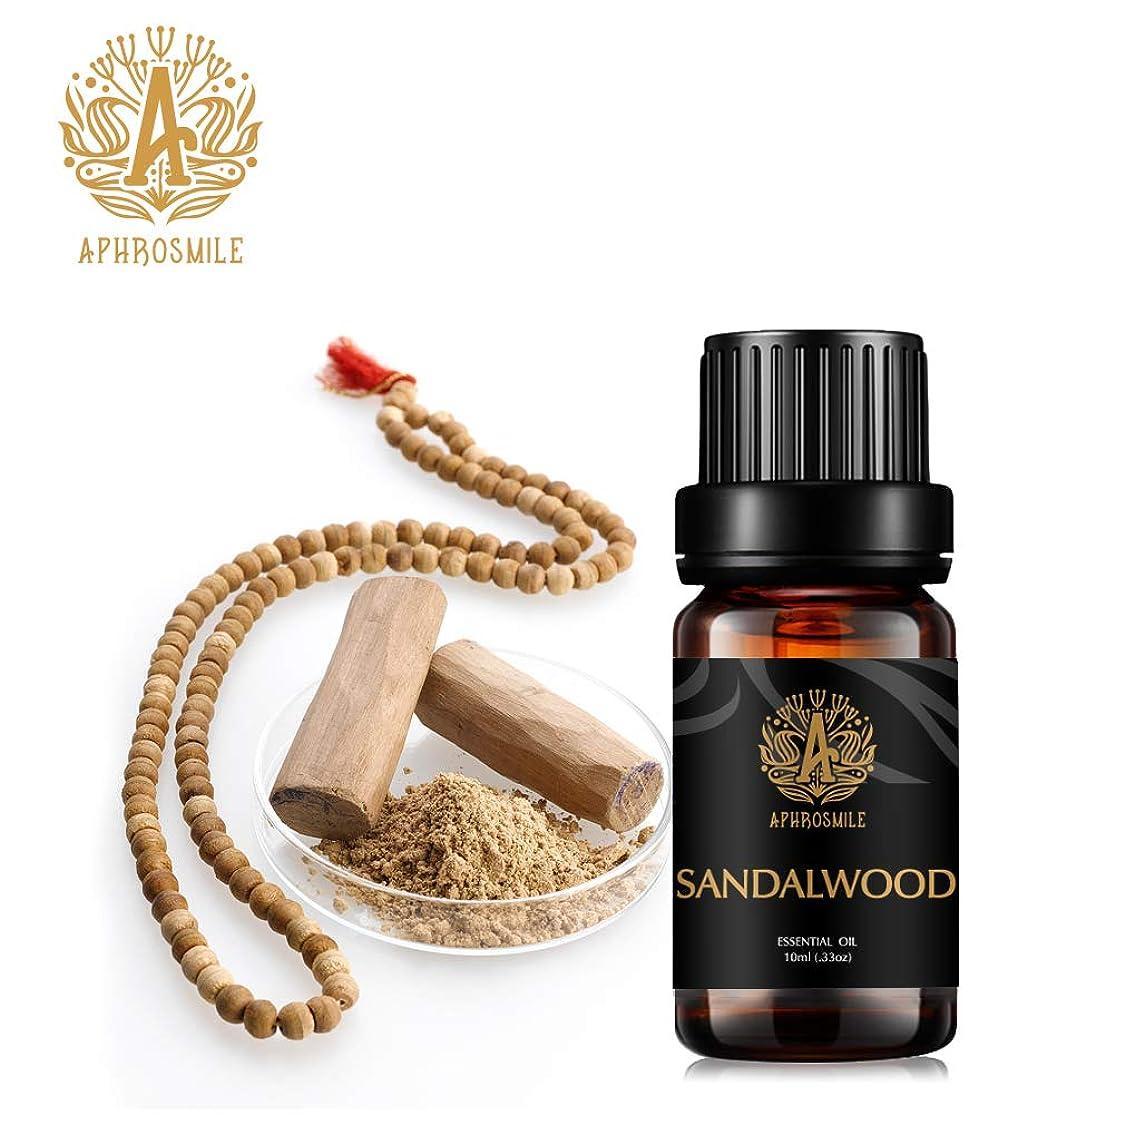 敬接ぎ木人物サンダルウッドエッセンシャルオイル、100%ピュアアロマセラピーエッセンシャルオイルサンダルウッドの香り、不安を和らげる、治療用グレードサンダルウッドフレグランスエッセンシャルオイル為にディフューザー、マッサージ、加湿器、デイリーケア、0.33オンス - 10ml